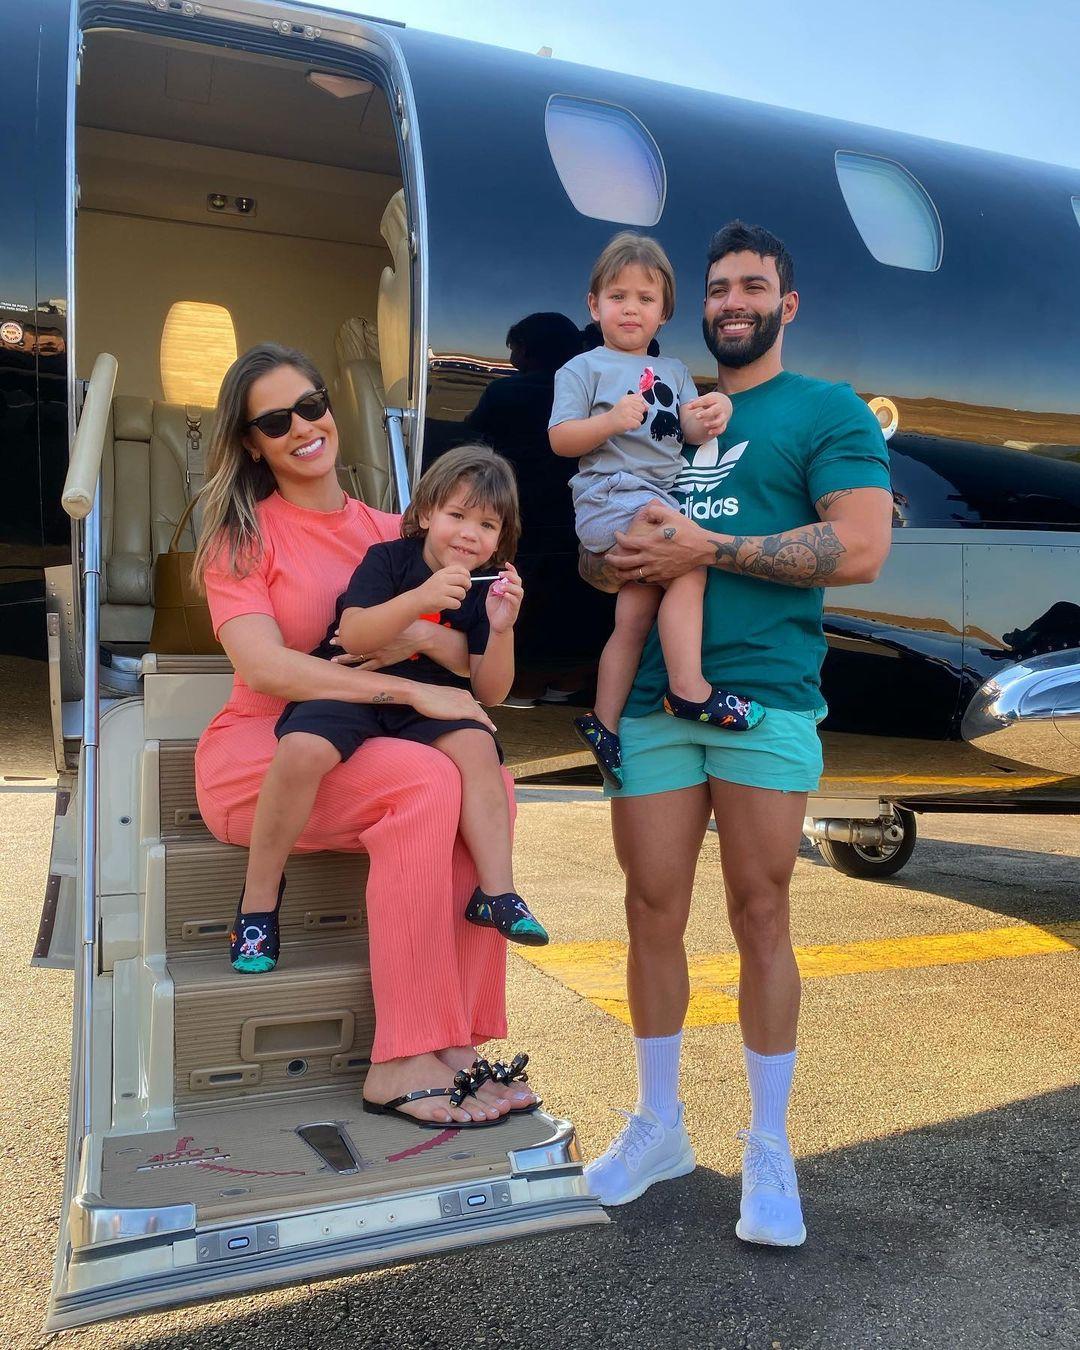 Último registro da família de Gusttavo Lima unida.